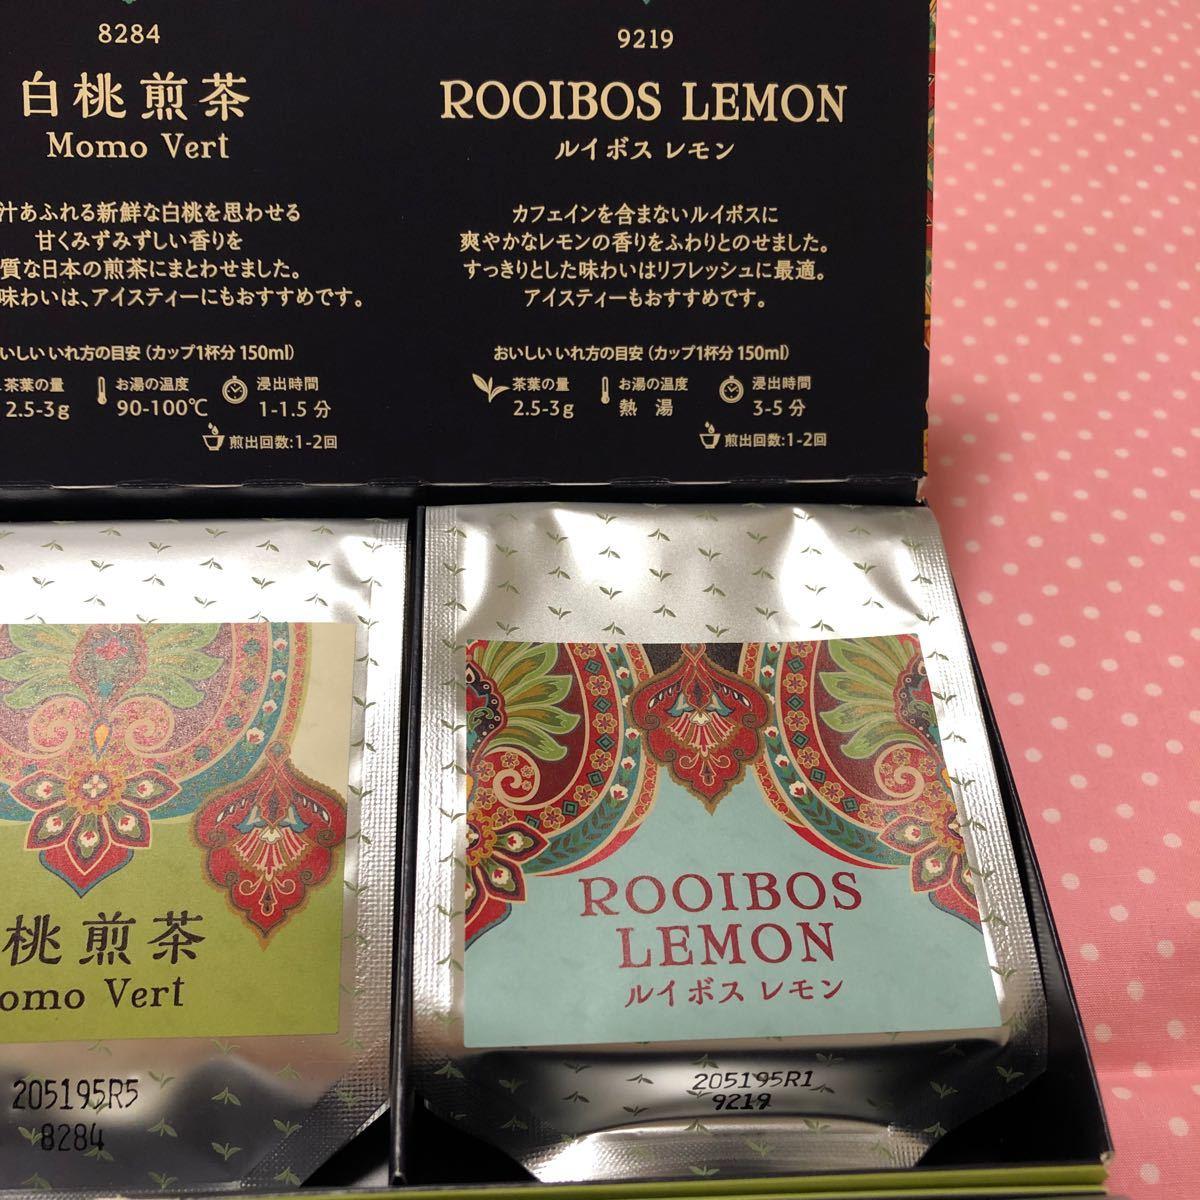 新品 LUPICIA ルピシア フレーバー 紅茶 煎茶 ルイボス リーフ 9点 セット